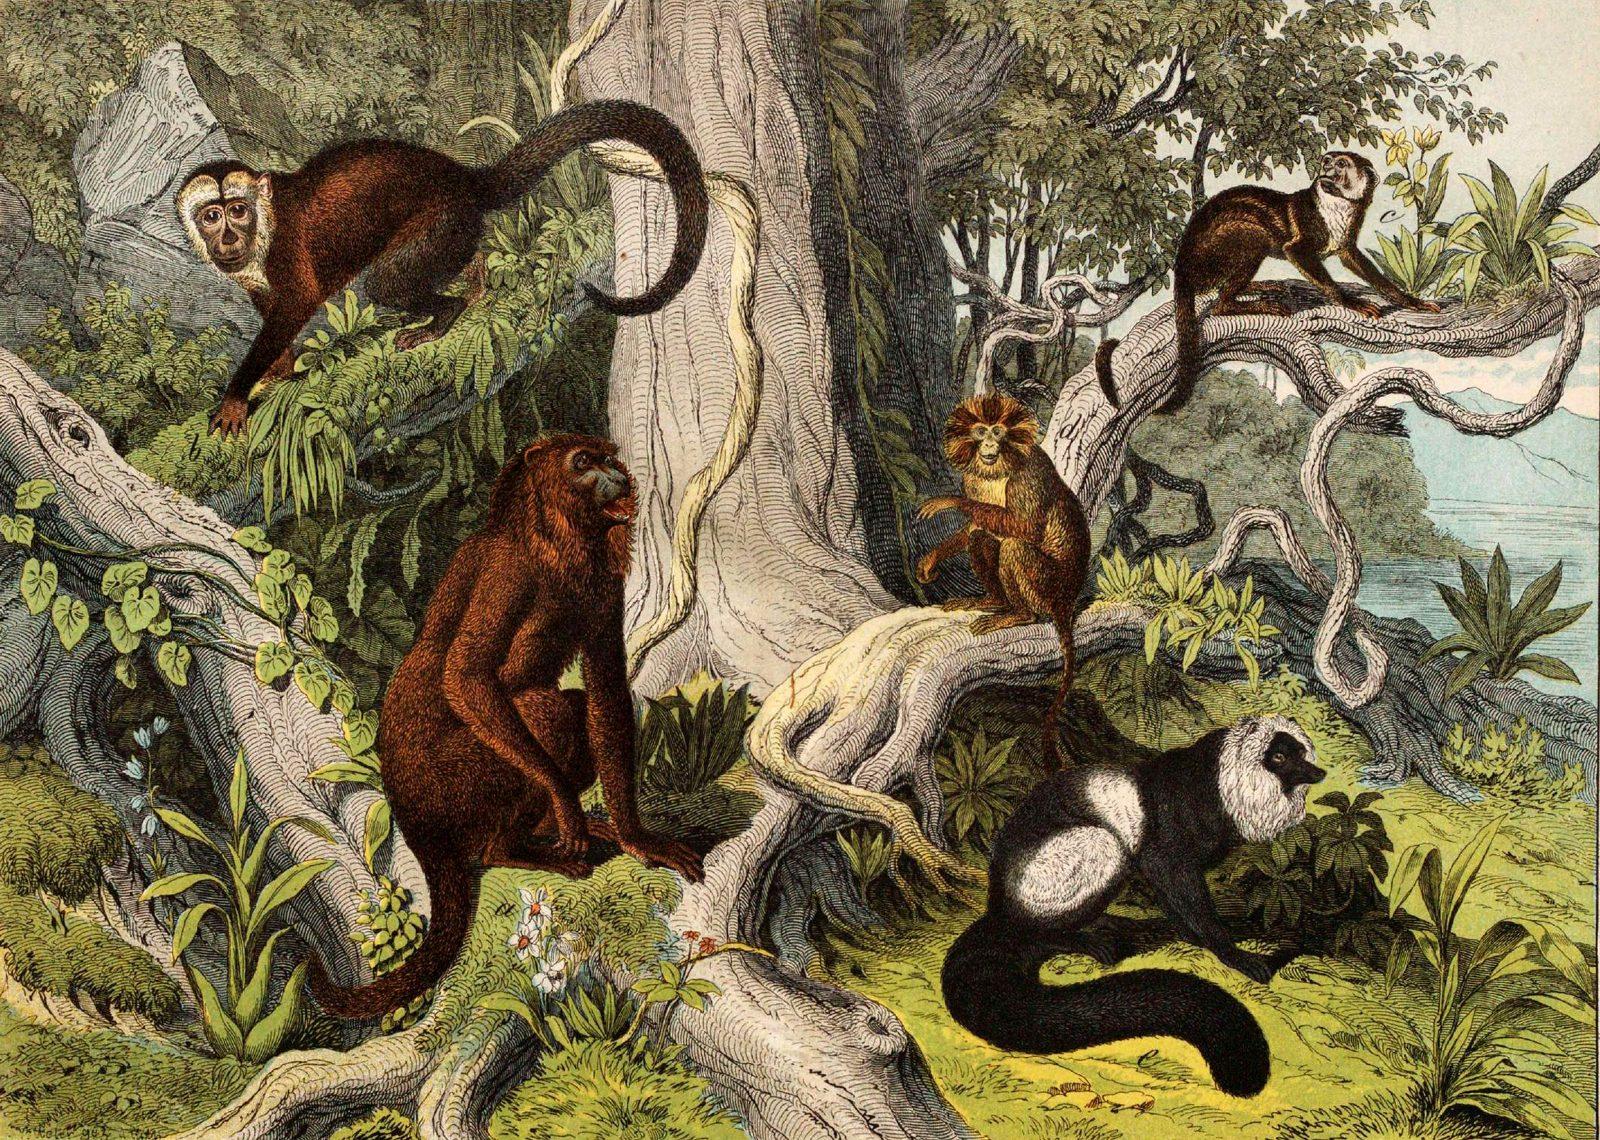 Mammals. Monkeys in the wild.